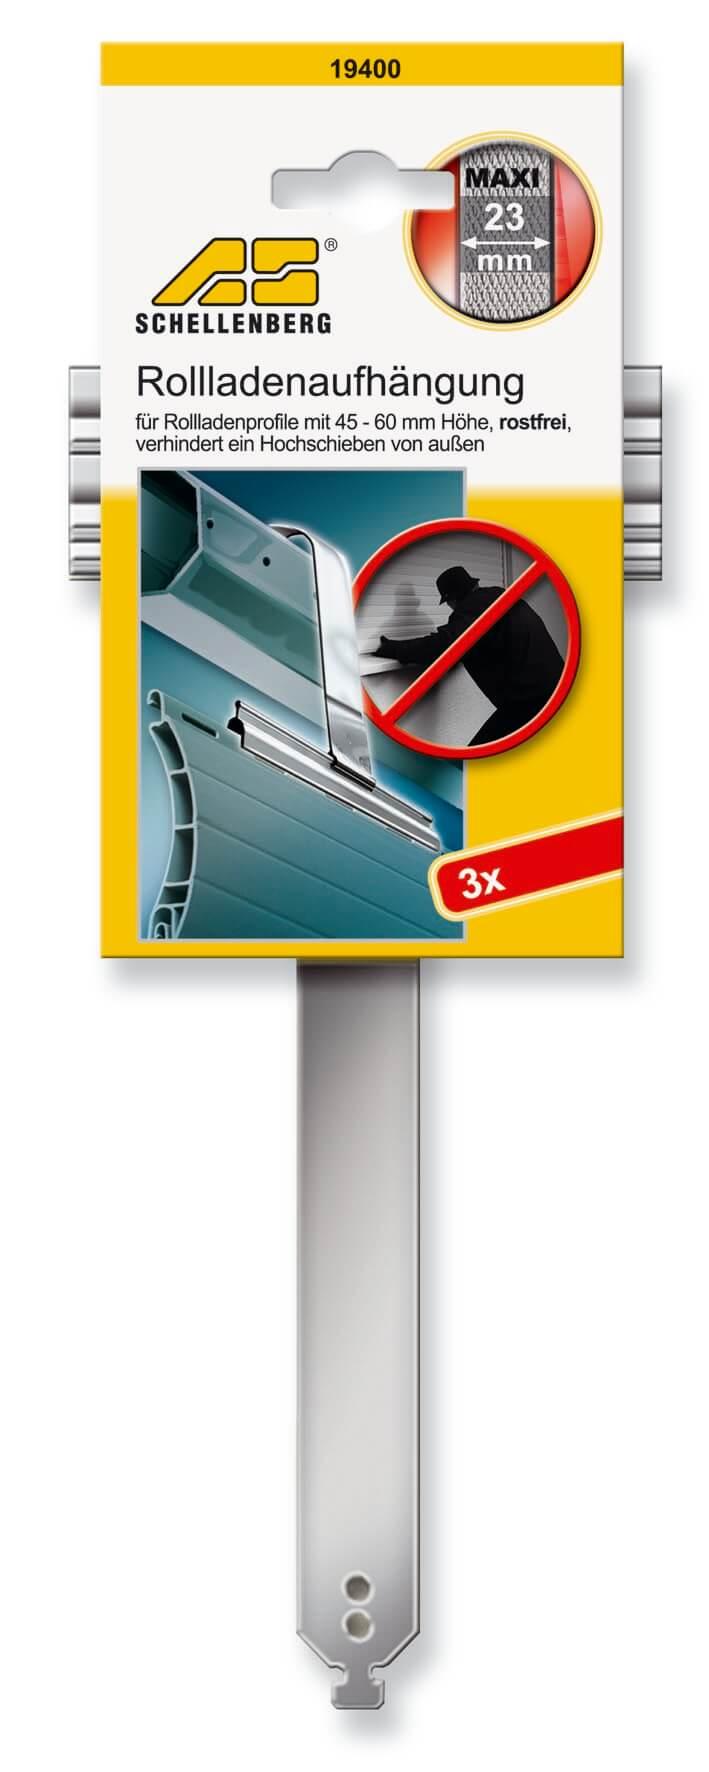 Schellenberg 19400 Rolladenaufhangung Maxi Stahl Aufhange Feder